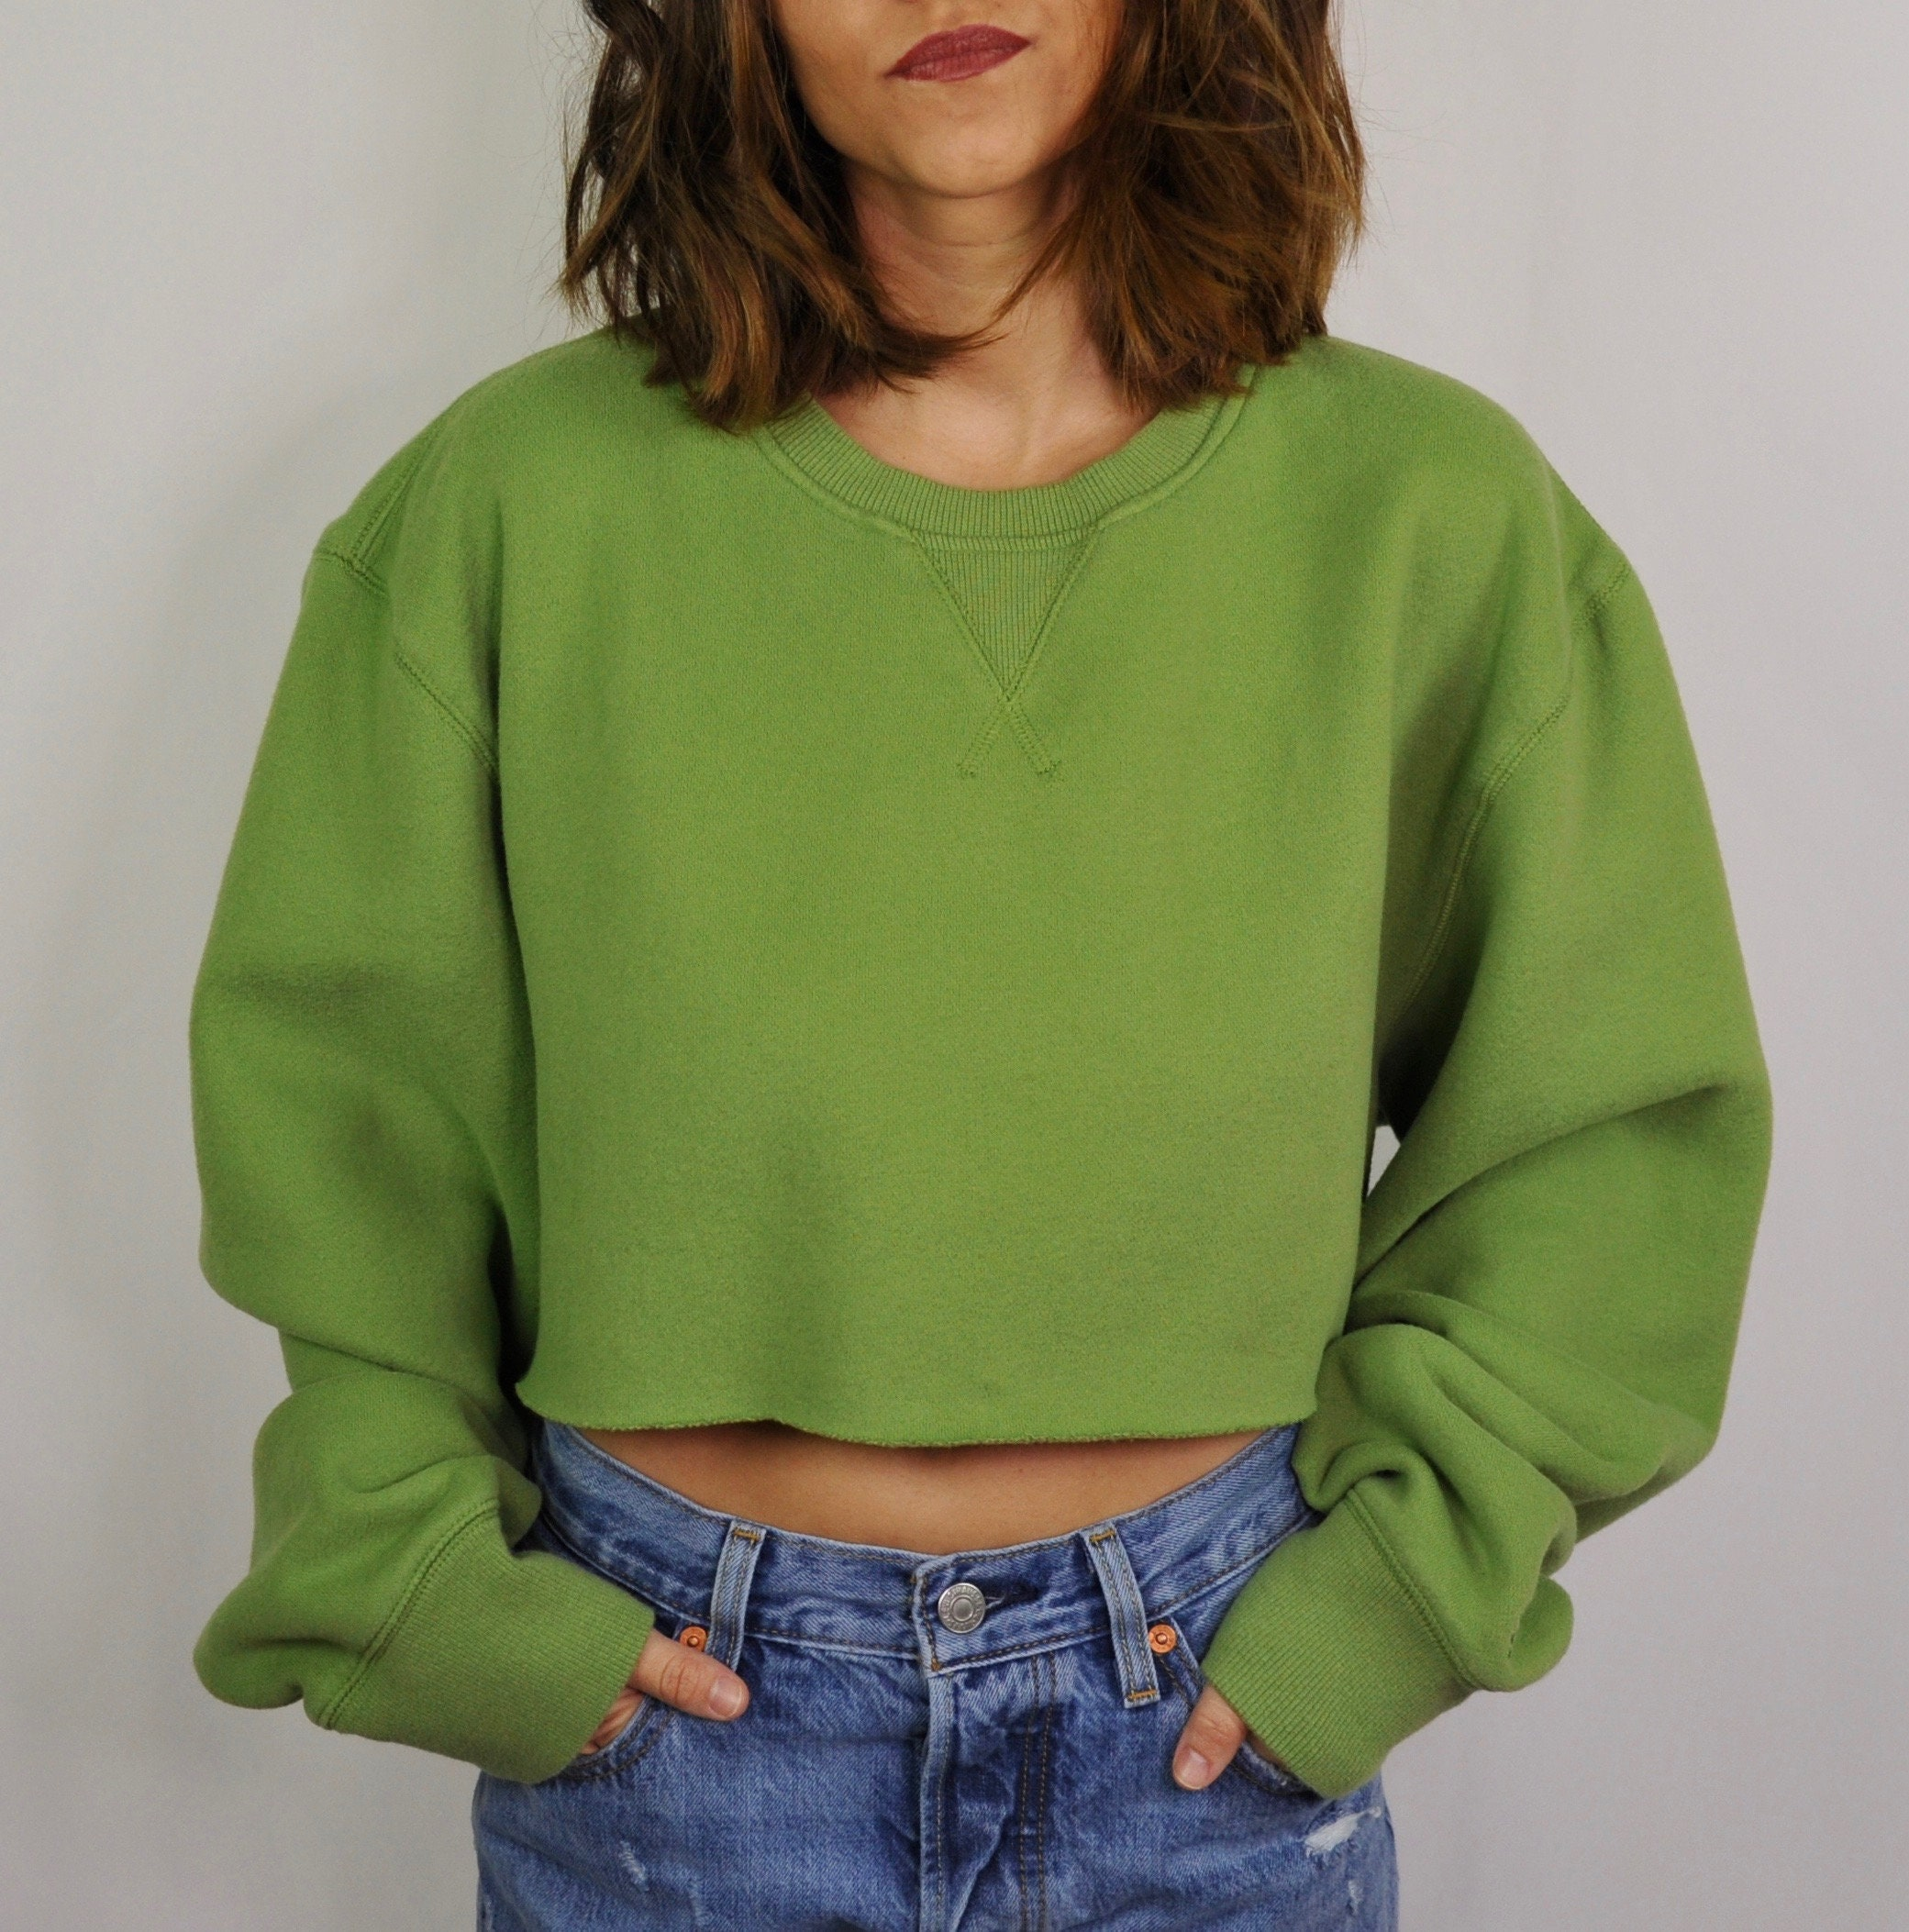 Lyst - Vetements Cropped Hoodie in Green  Green Cropped Hoodie